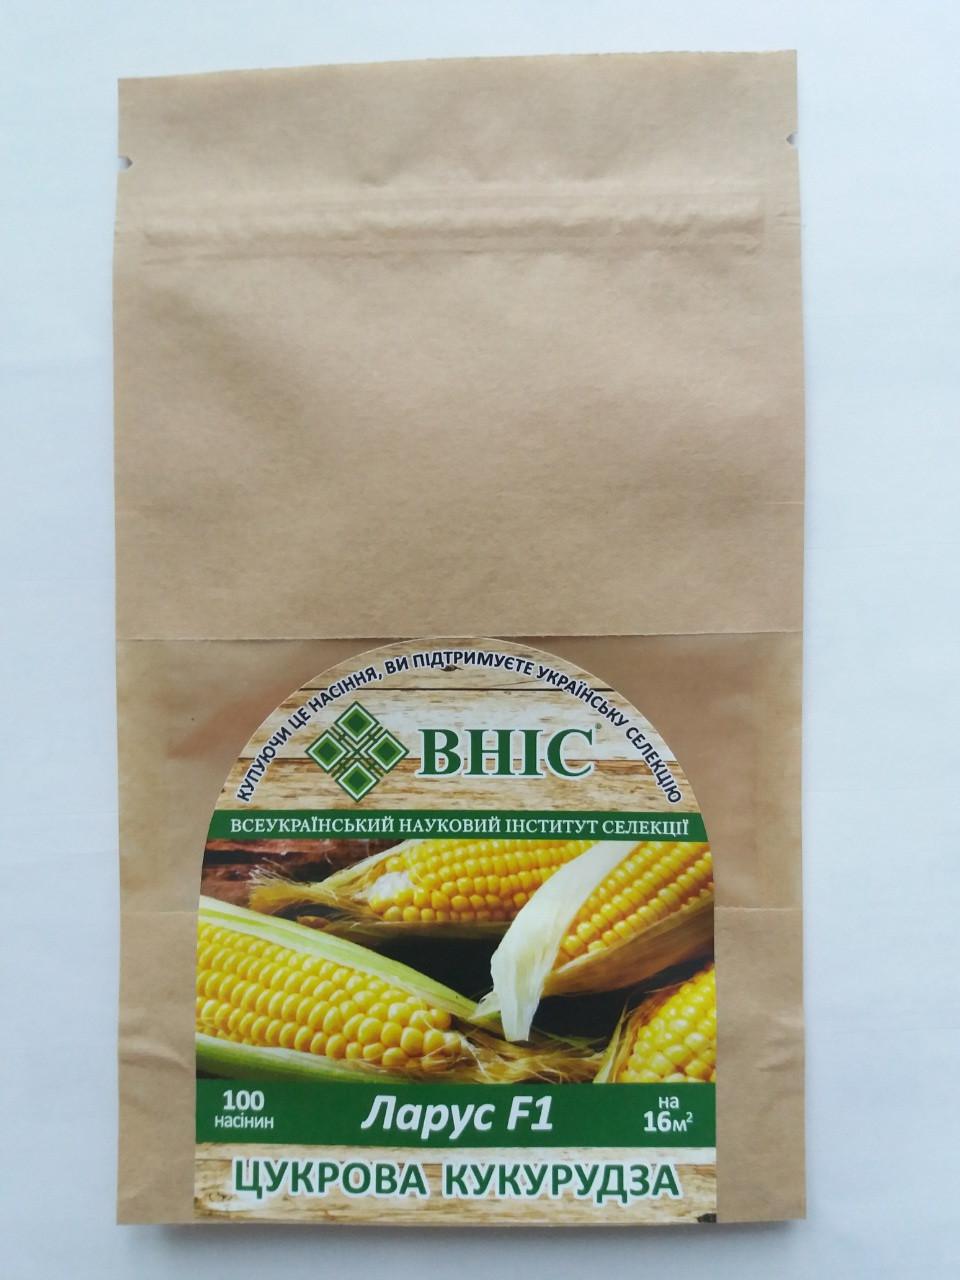 Семена сахарной кукурузы Ларус 100шт